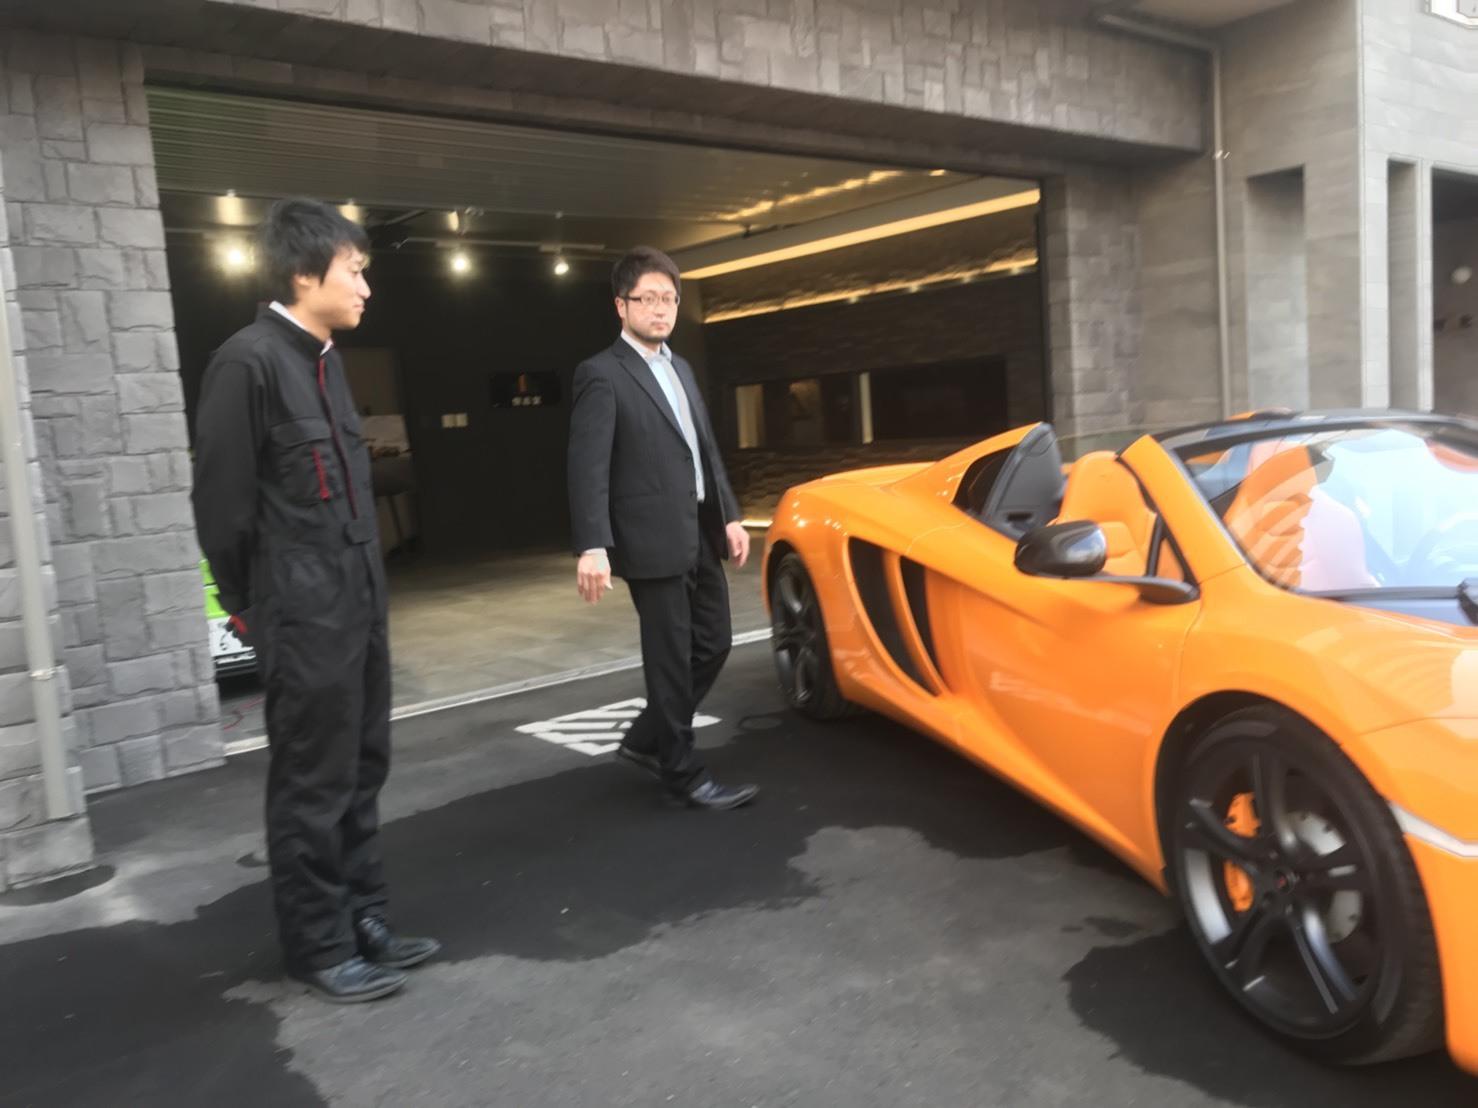 10月31日 ひとログTueヽ( 'ω' )ノ マクラーレン・GTR?!スーパーカーがTOMMYにやってきた!_b0127002_17334228.jpg